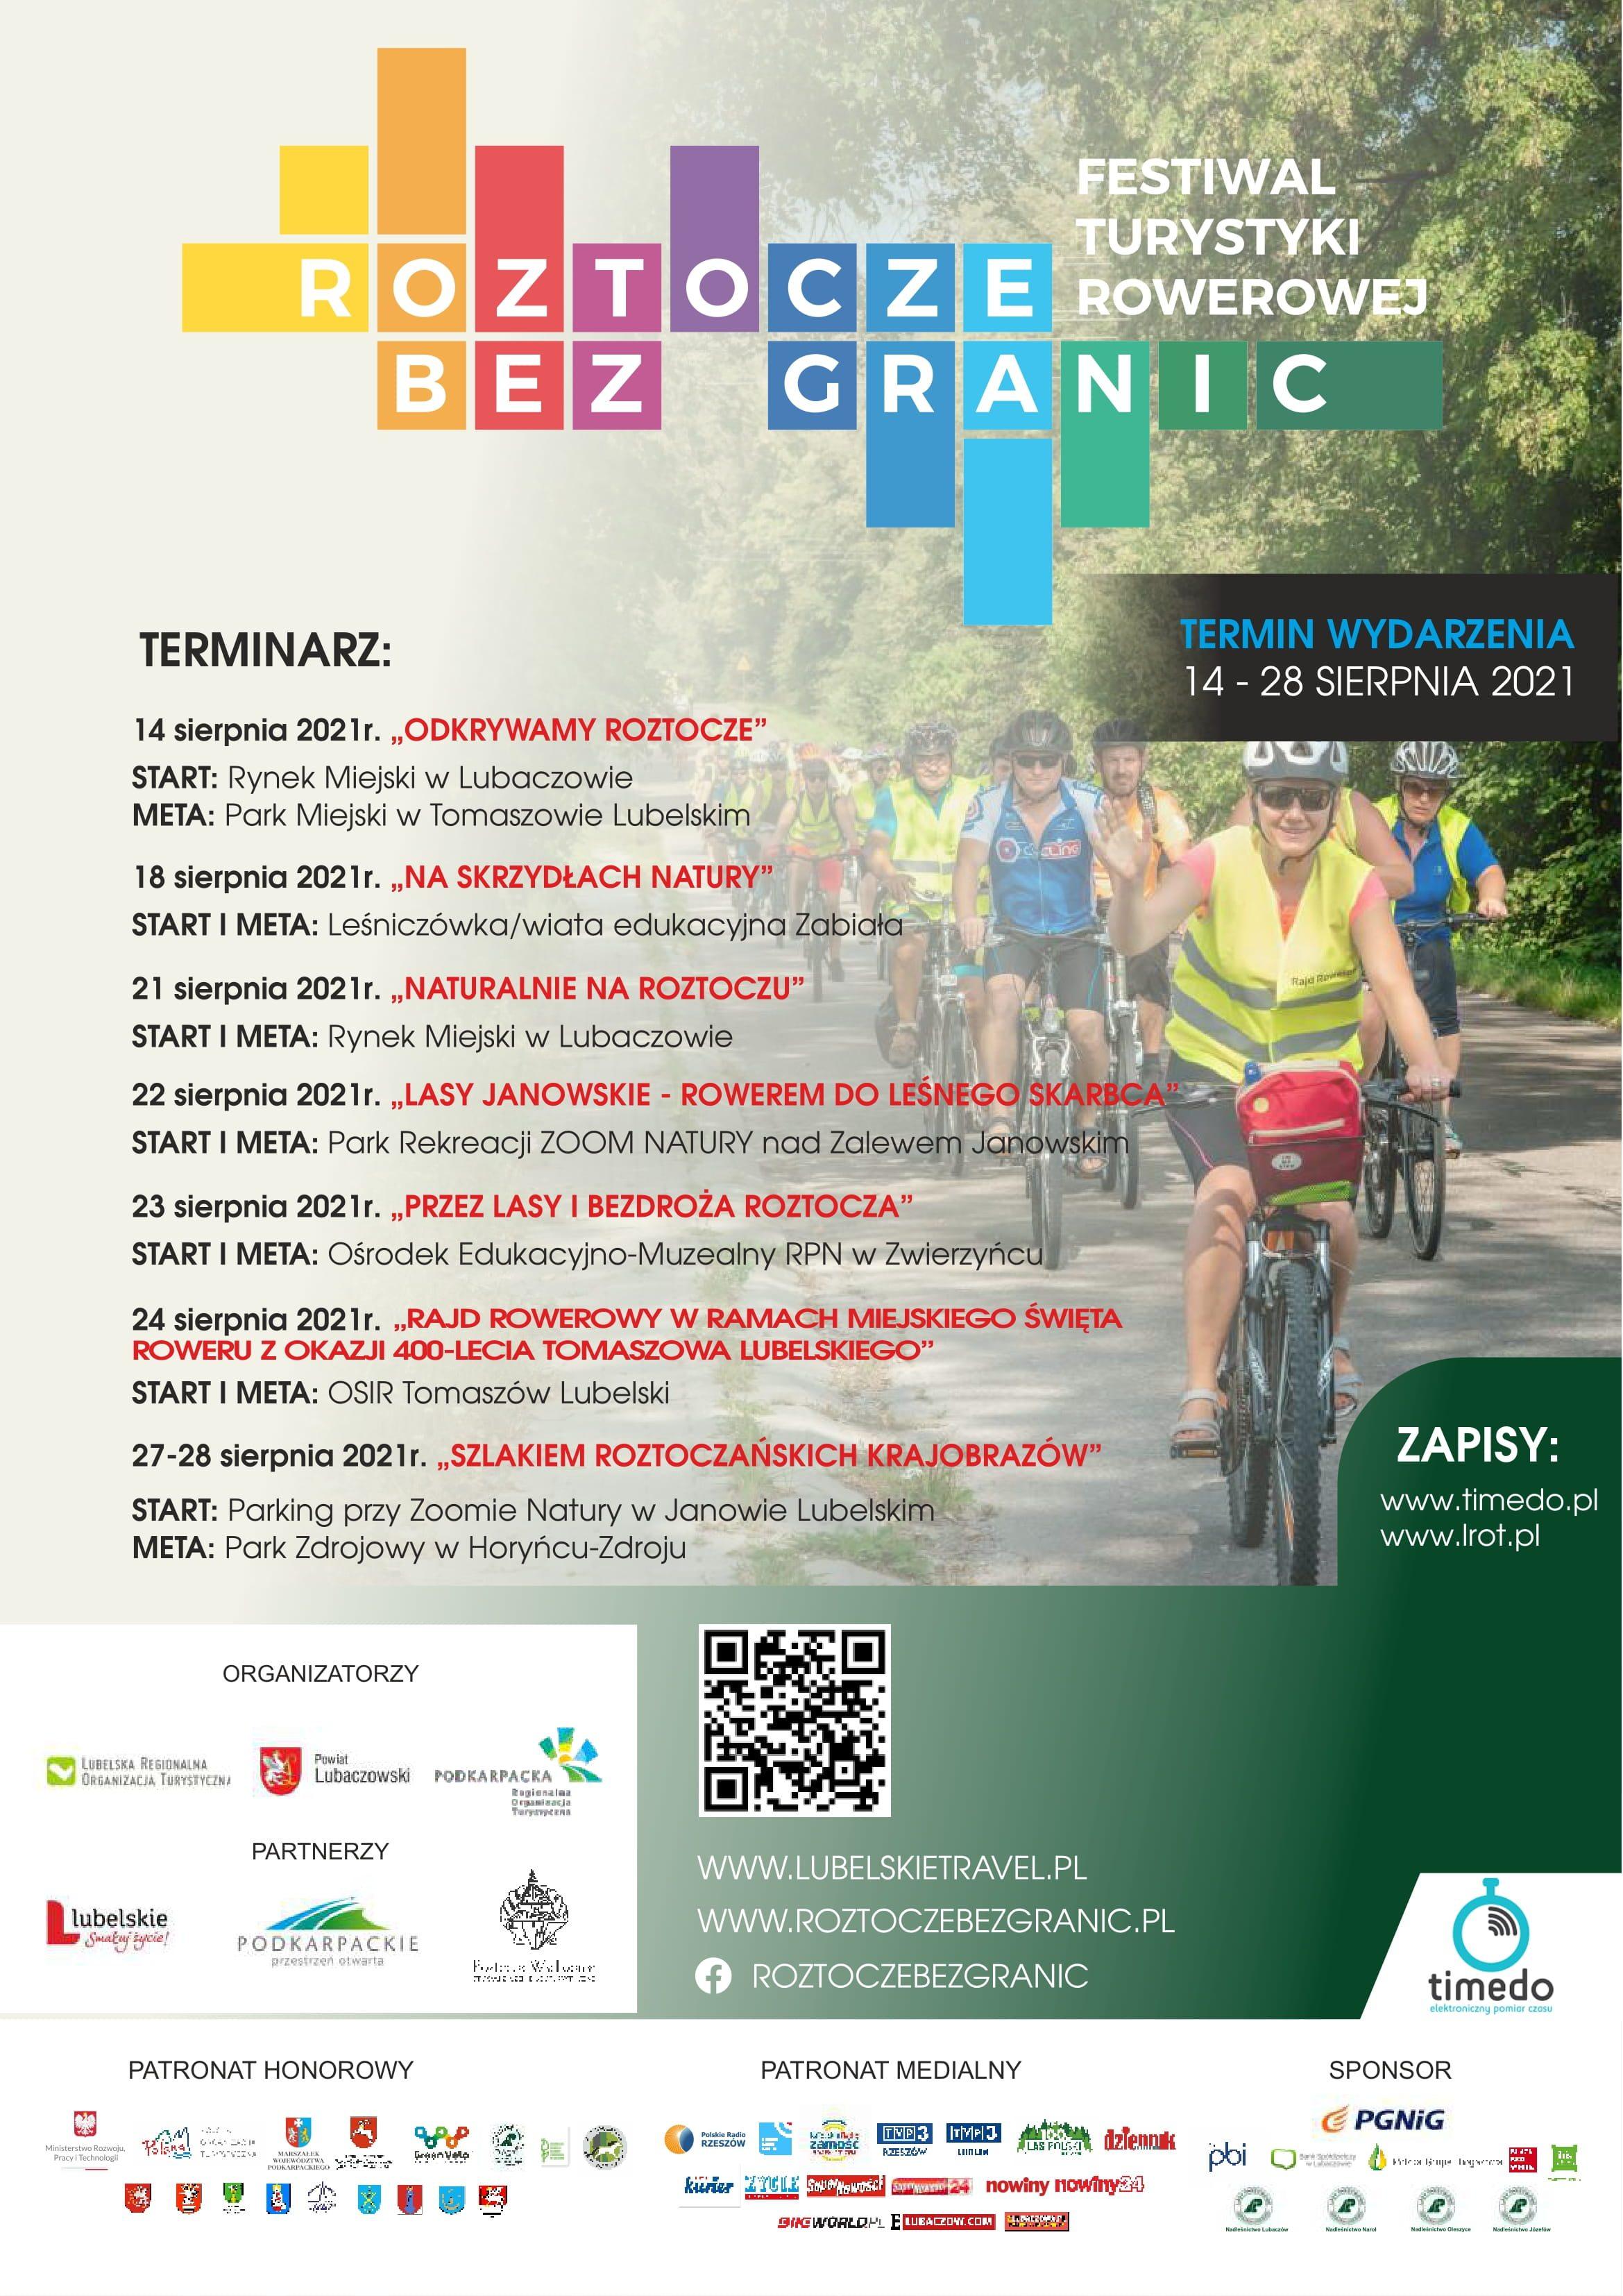 plakat wydarzenia Festiwalu Turystyki Rowerowej – Roztocze bez granic